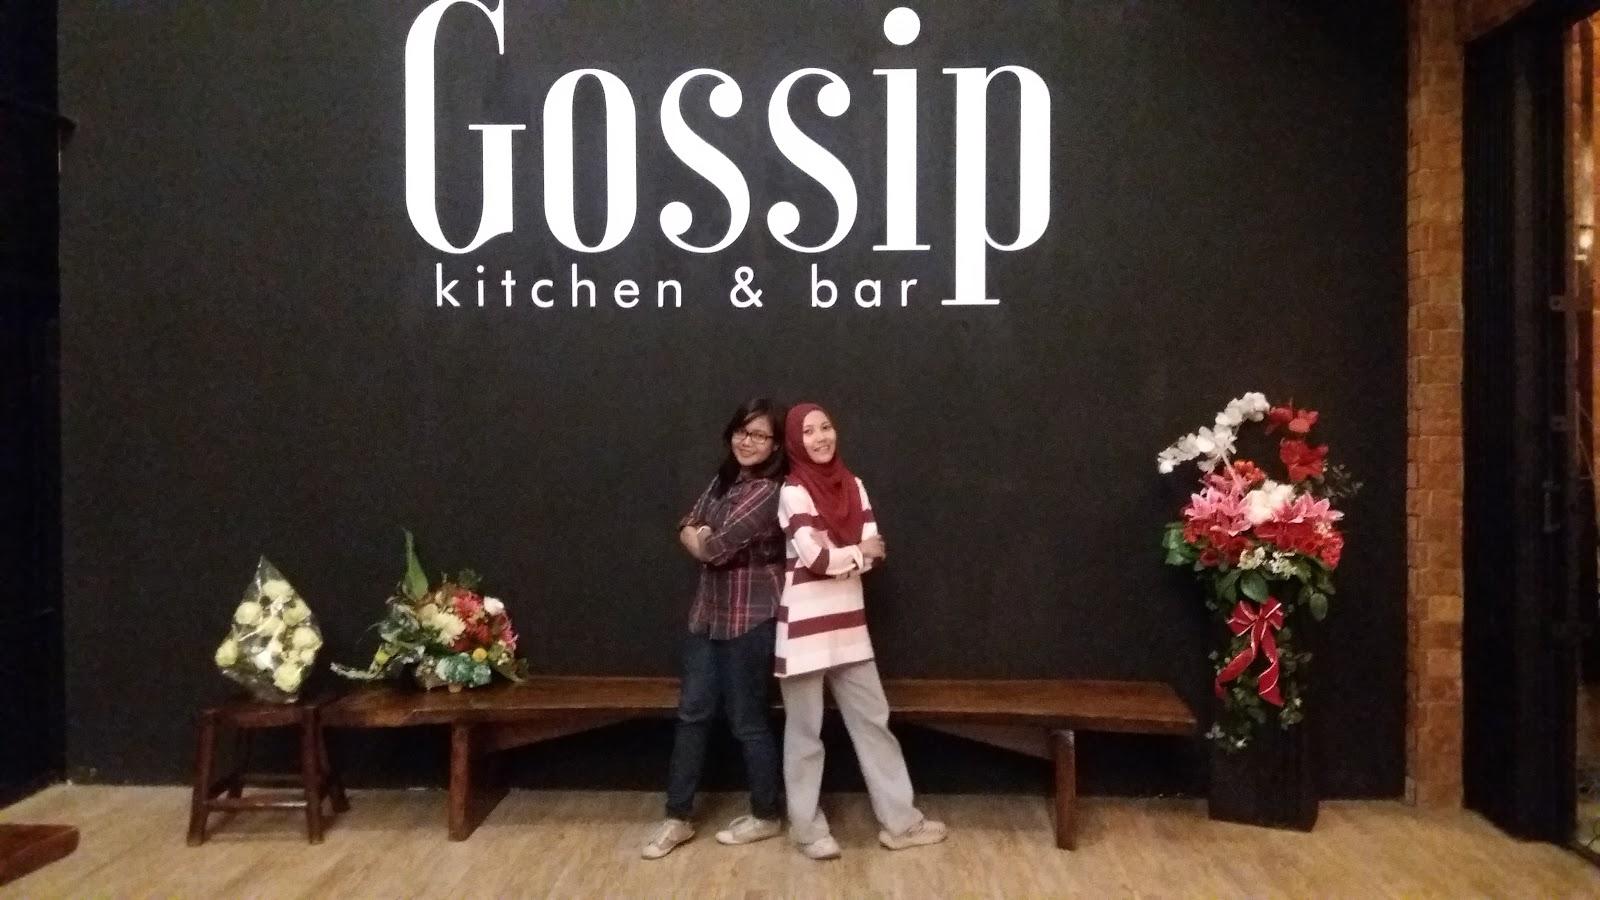 Kali ini aku mau berbagi info tentang gossip kitchen bar semarang yang akhir akhir ini temen temenku pada foto di depan tulisan gossip kitchen